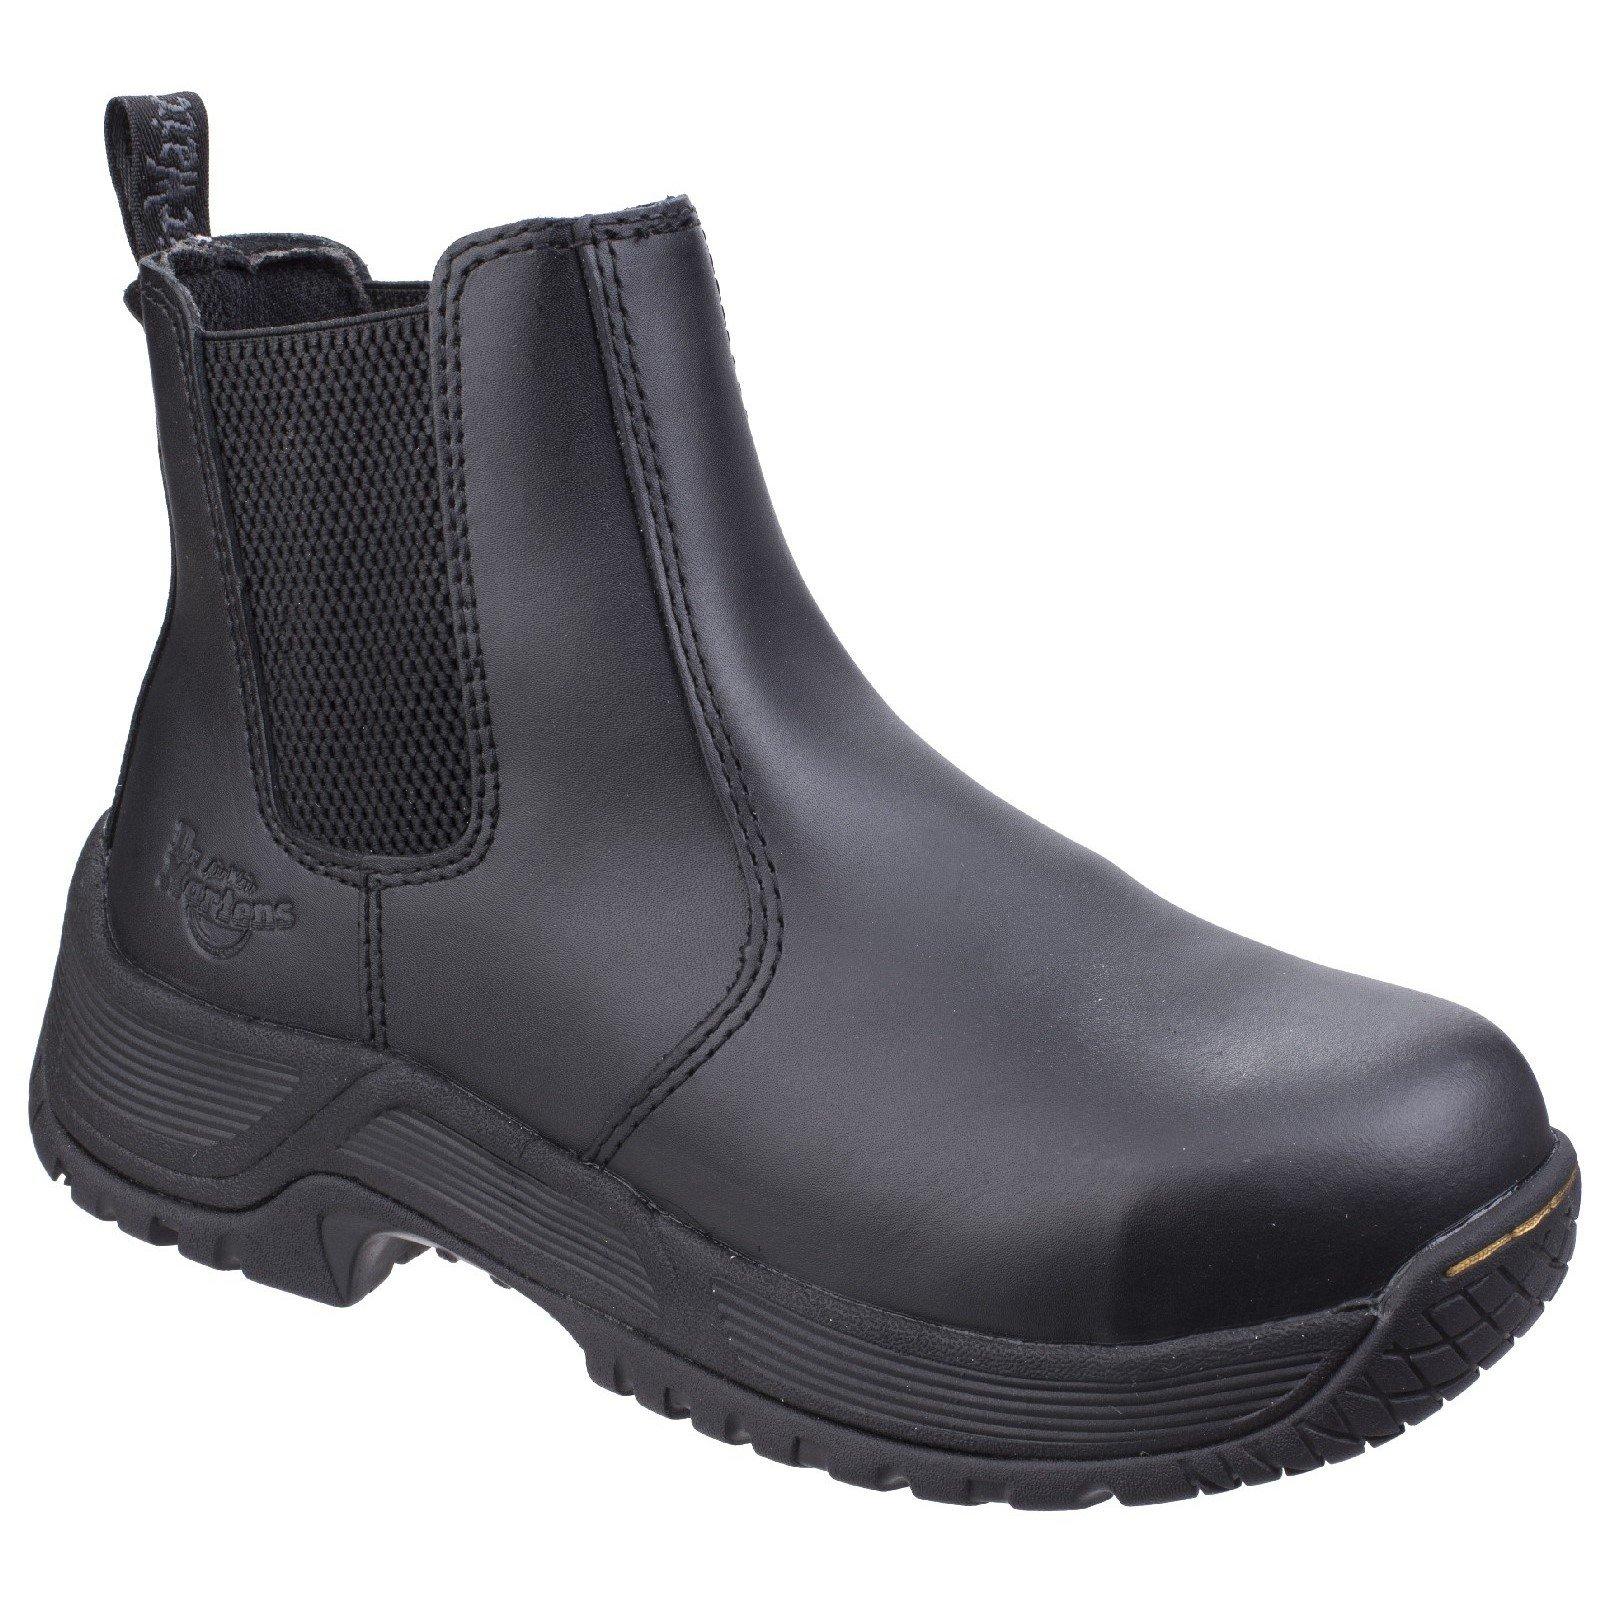 Dr Martens Men's Drakelow Safety Boot Black 26021 - Black 7